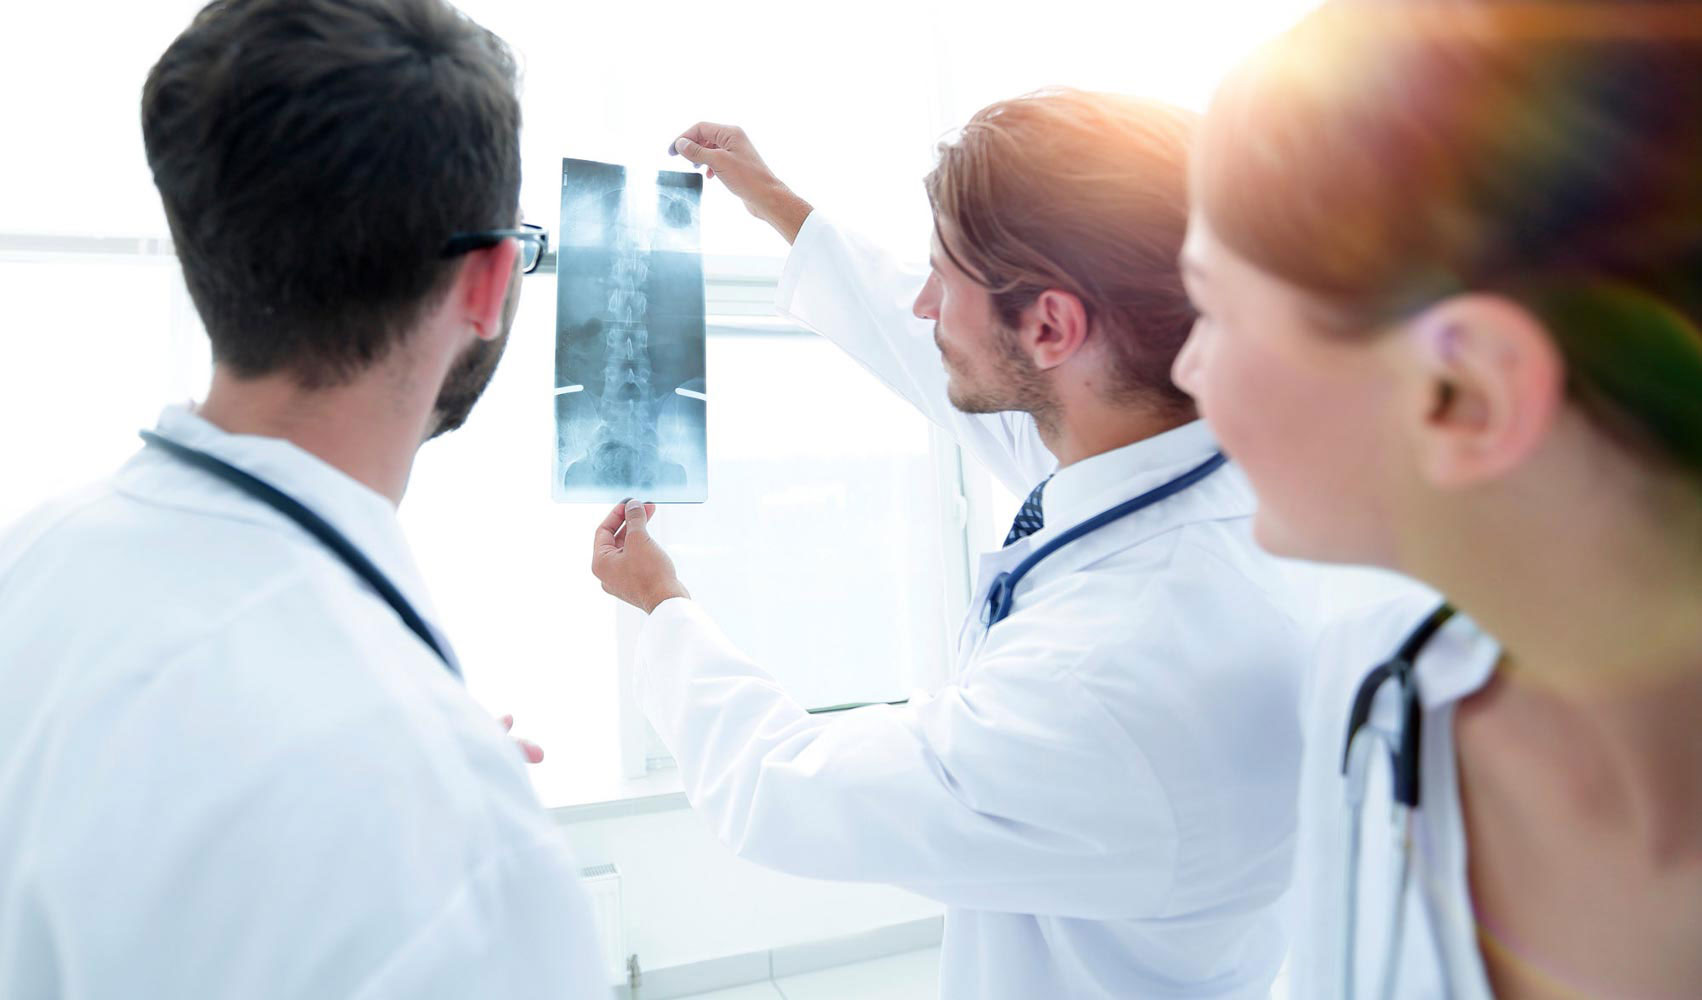 Wirbelsäulenchirurgie - Titelbild